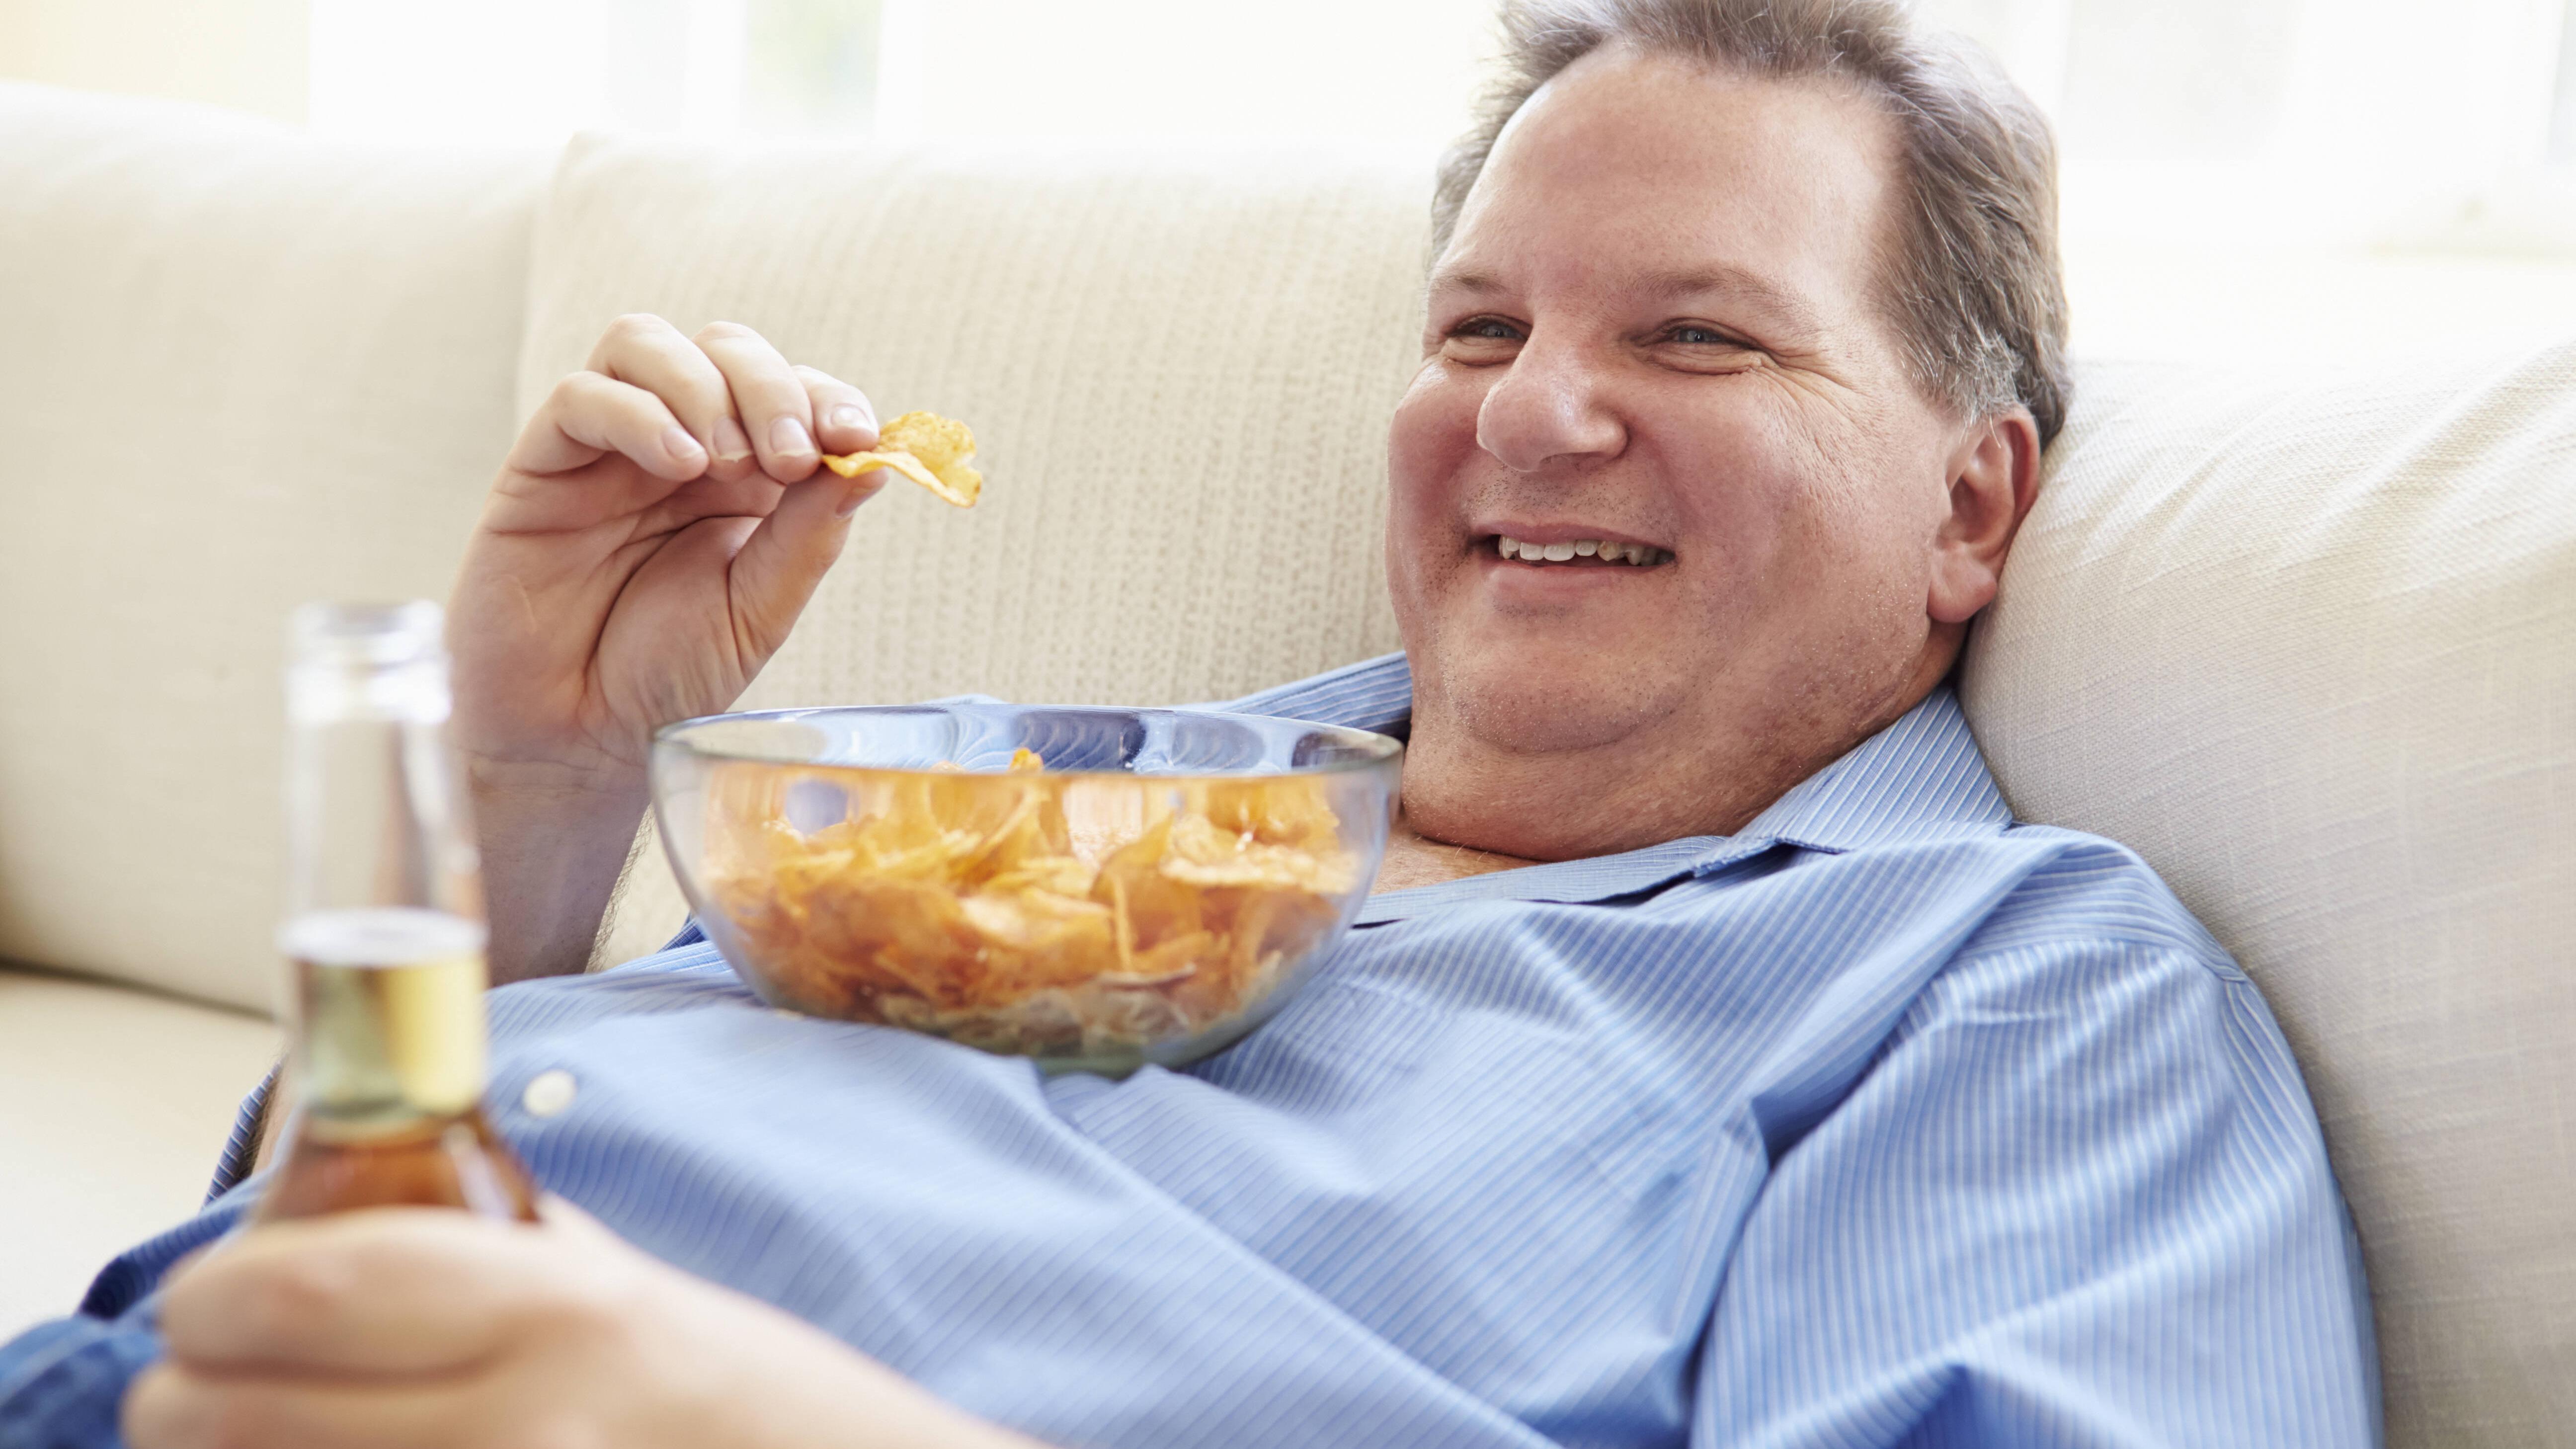 Wer das Völlegefühl ignoriert, wird fett